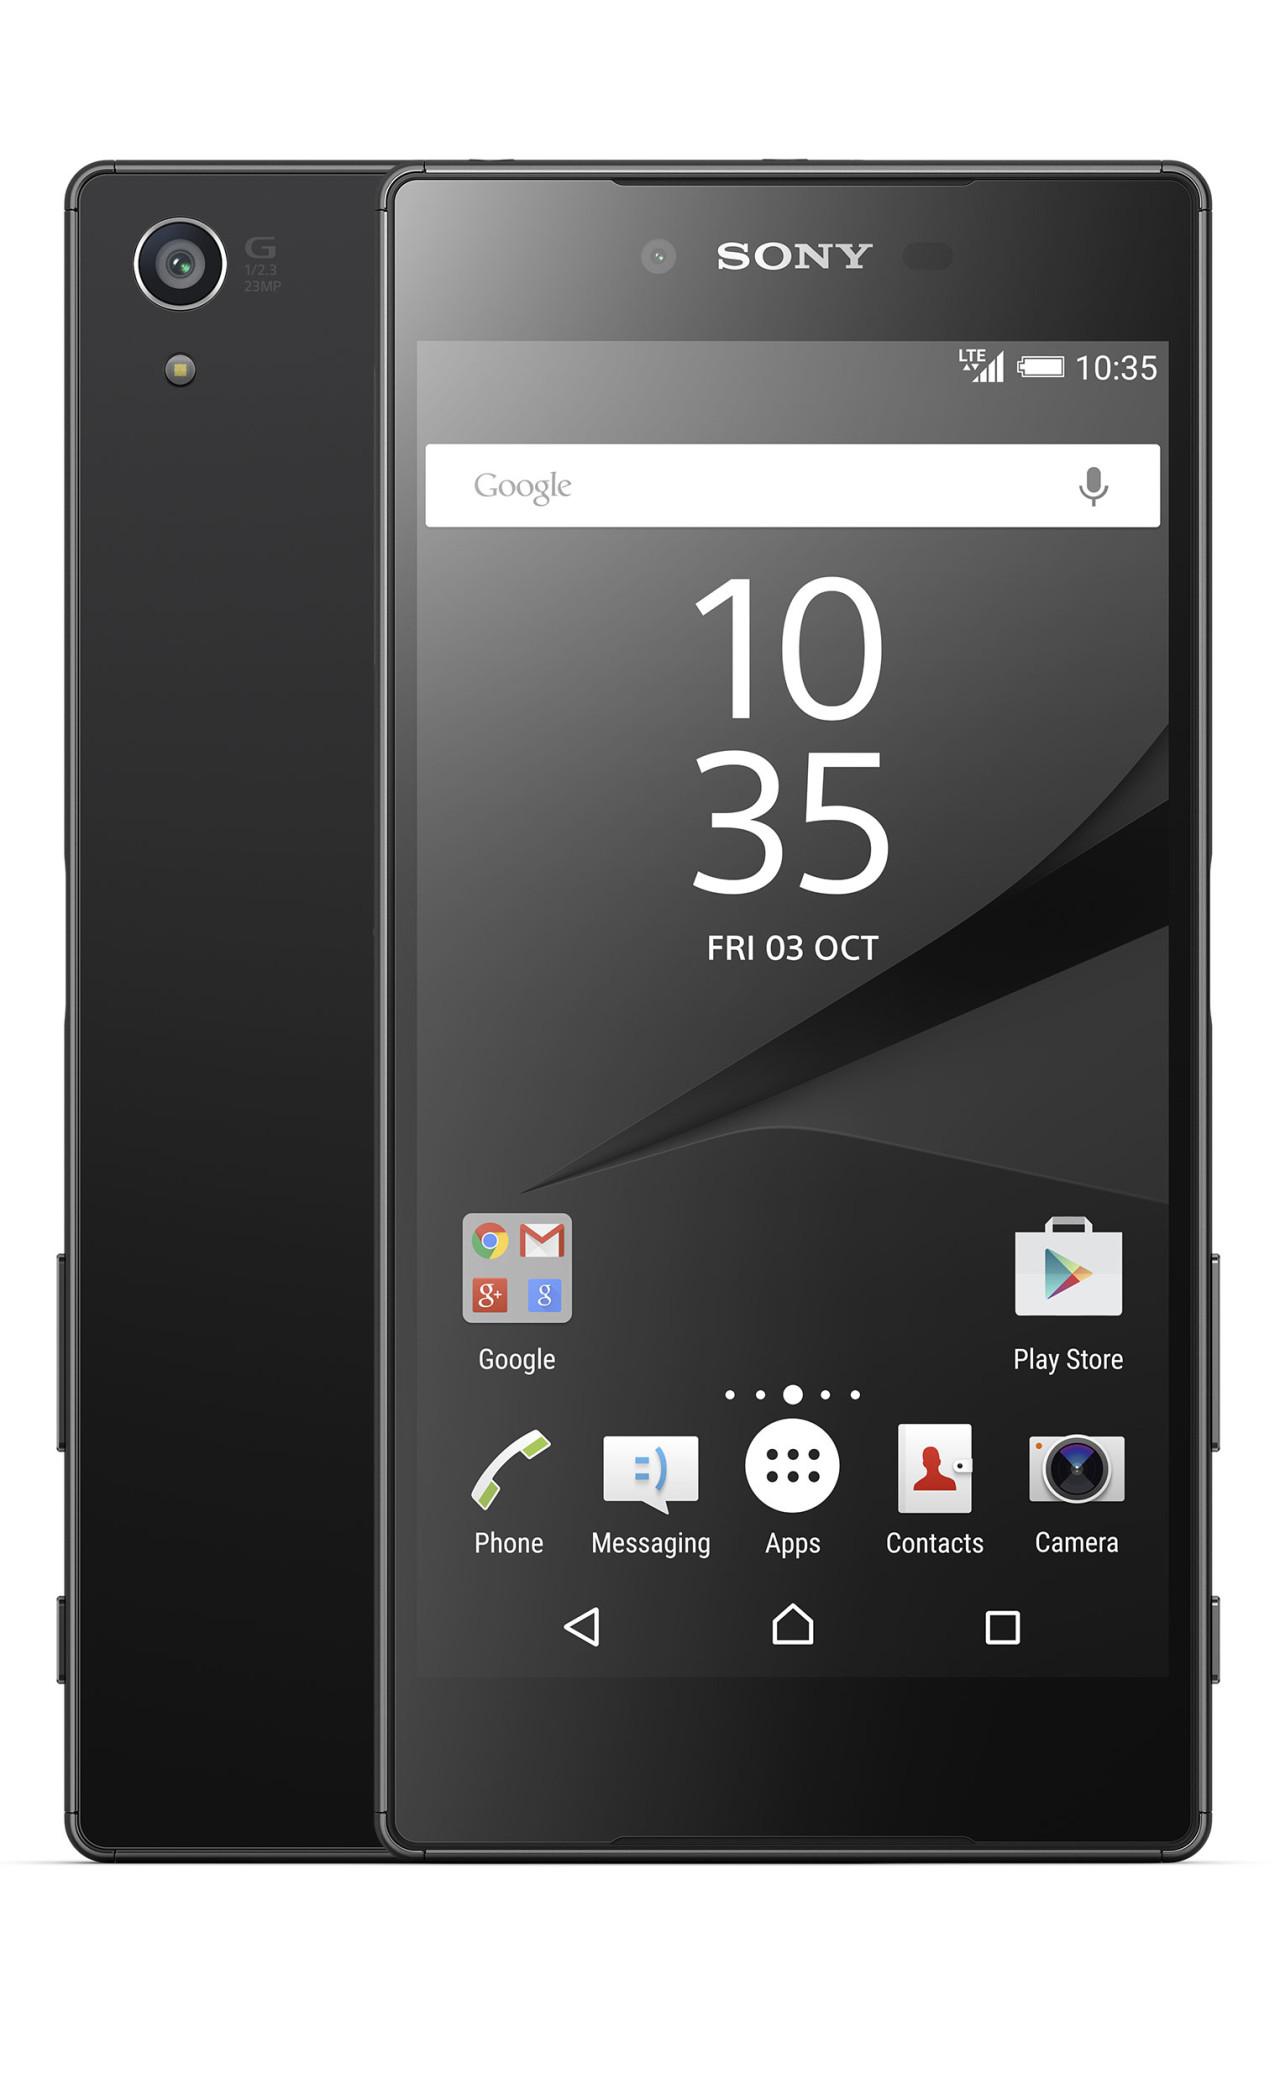 Sony Xperia Z1 Z2 Z3 Z3compact Z5 Z5 compact LCD Display Glas Reparatur 1060 1070 1080 Wien